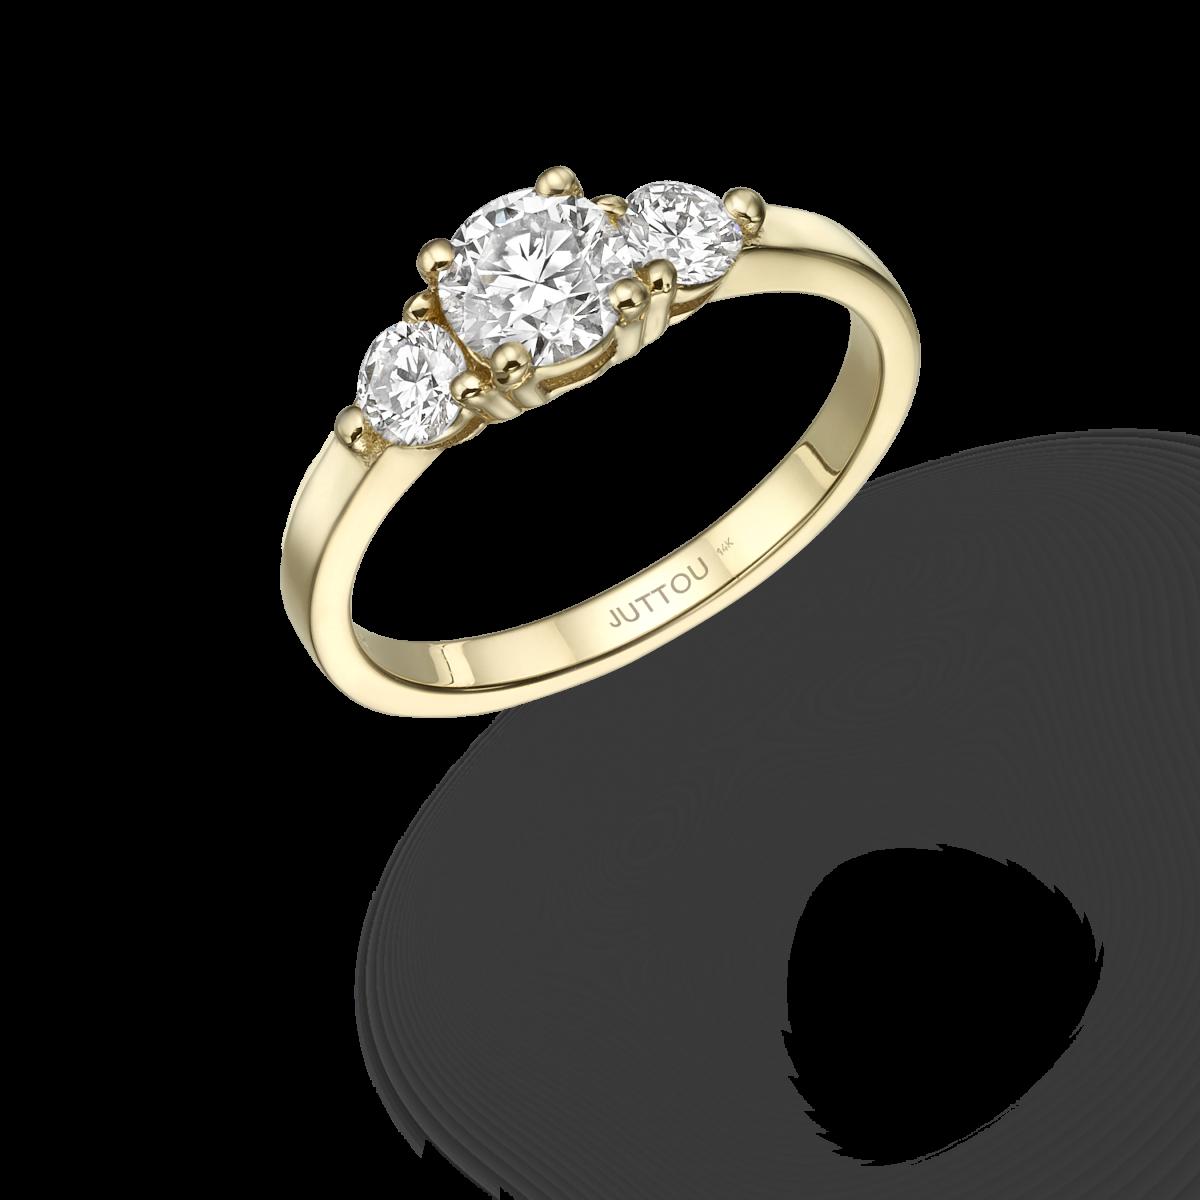 טבעת פיפה דקה - זהב צהוב